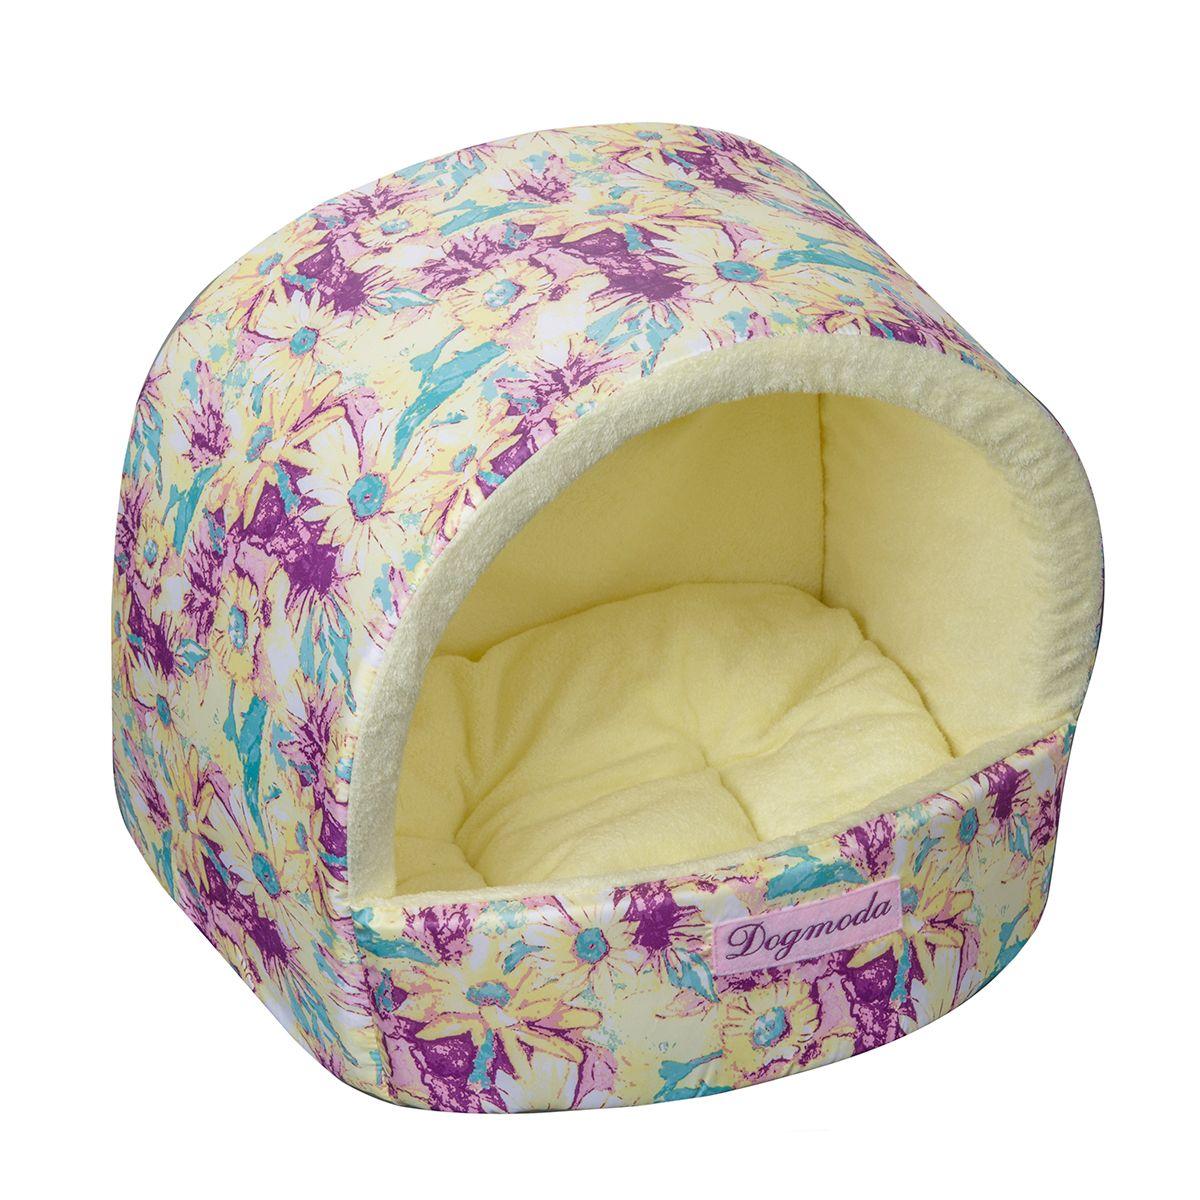 Домик Dogmoda Букет 34*30*28 смDM-150332Яркий солнечный домик для животных. Выполнен из моющейся ткани, внутри нежный искусственный мех.